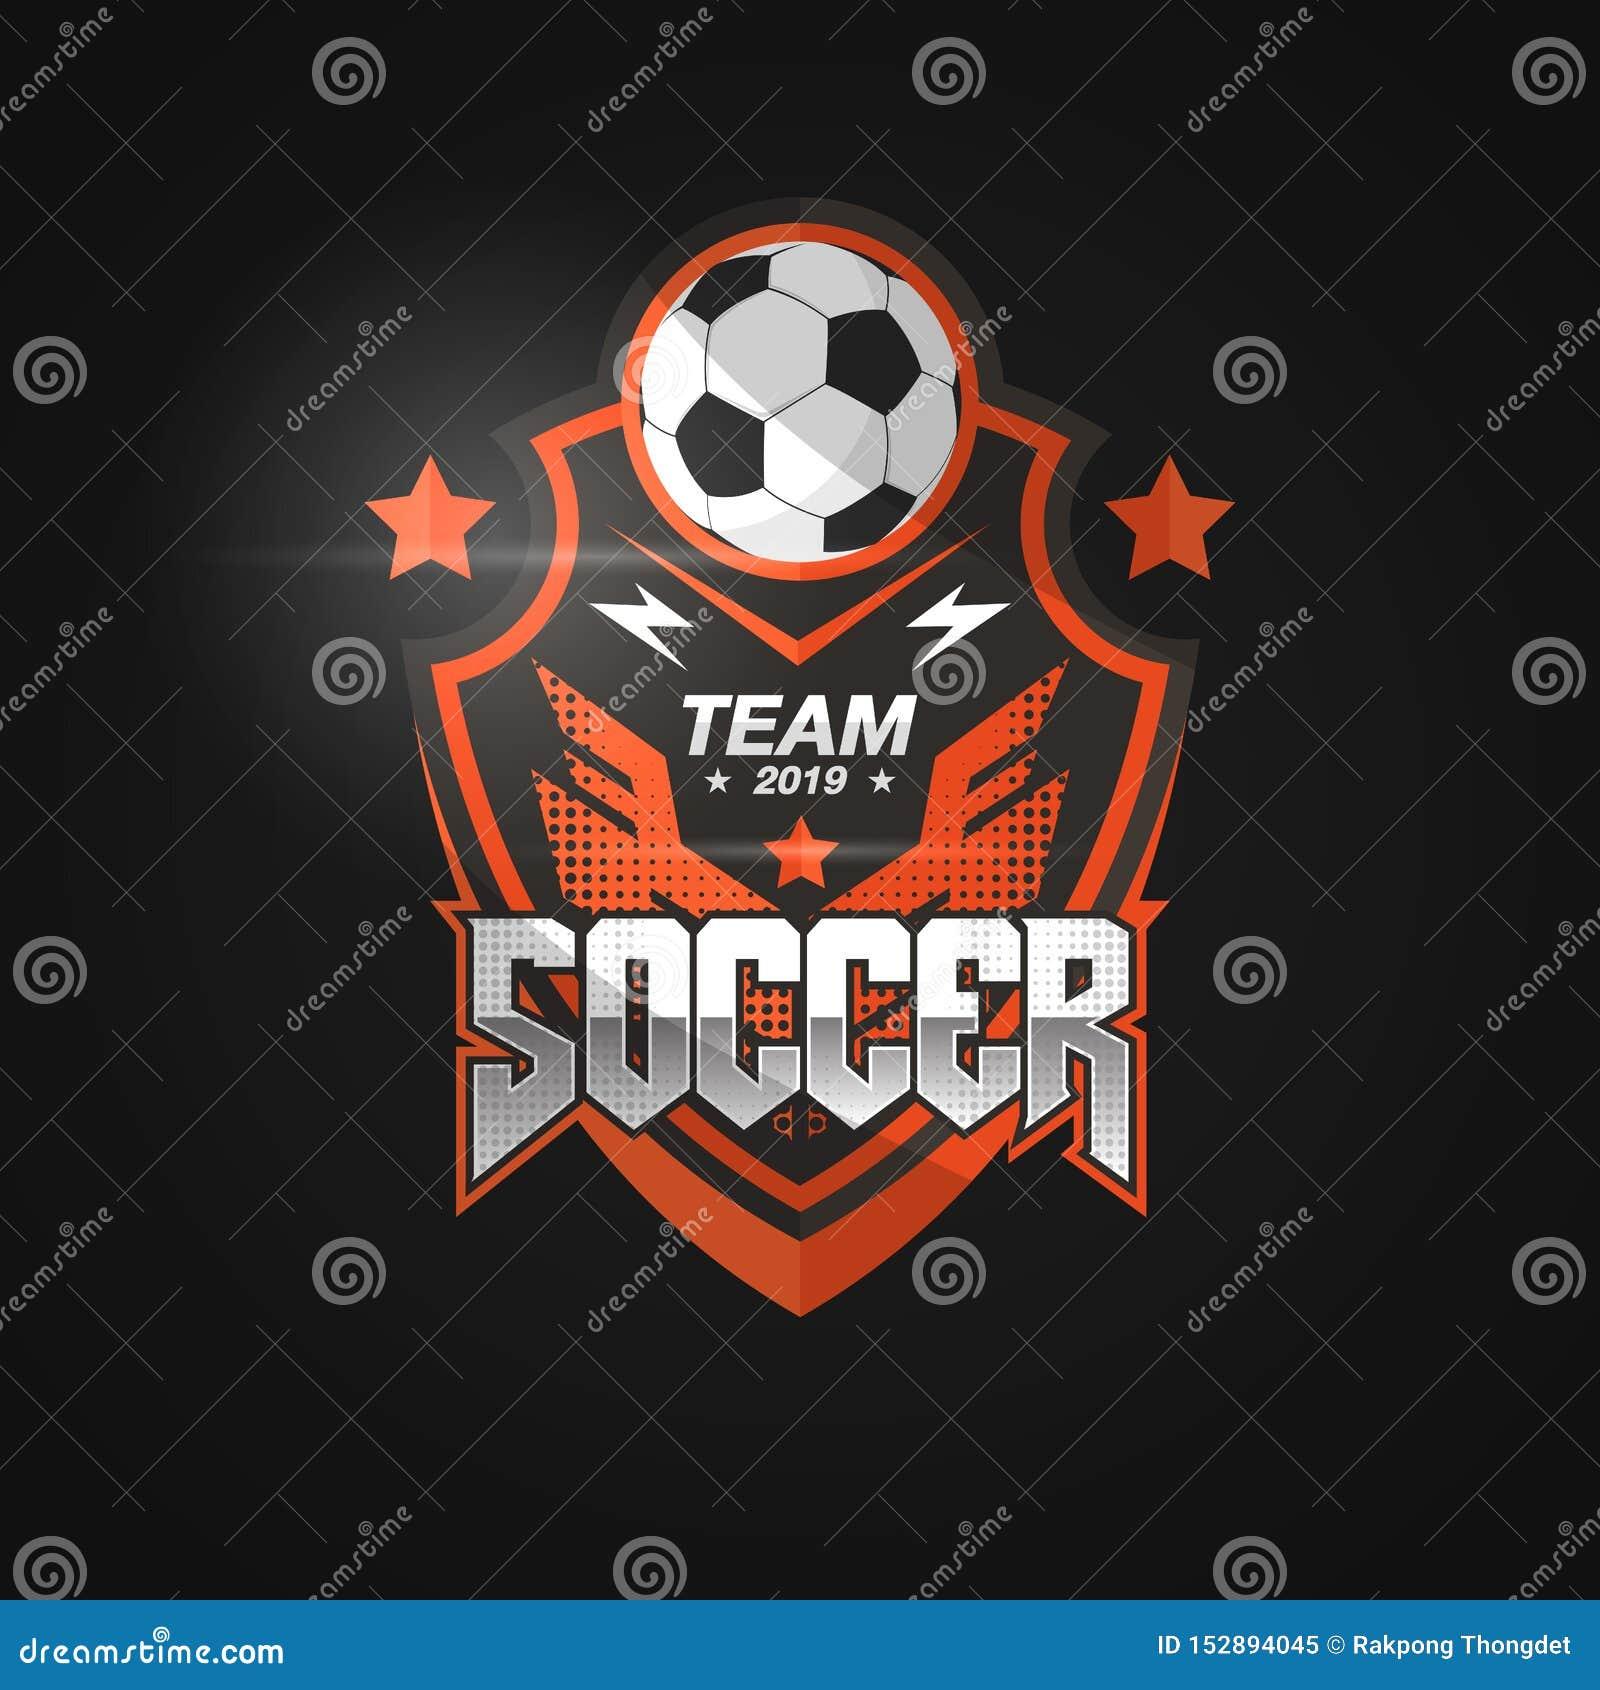 Insignia Logo Design Templates del fútbol del fútbol | Deporte Team Identity Vector Illustrations aislado en fondo negro